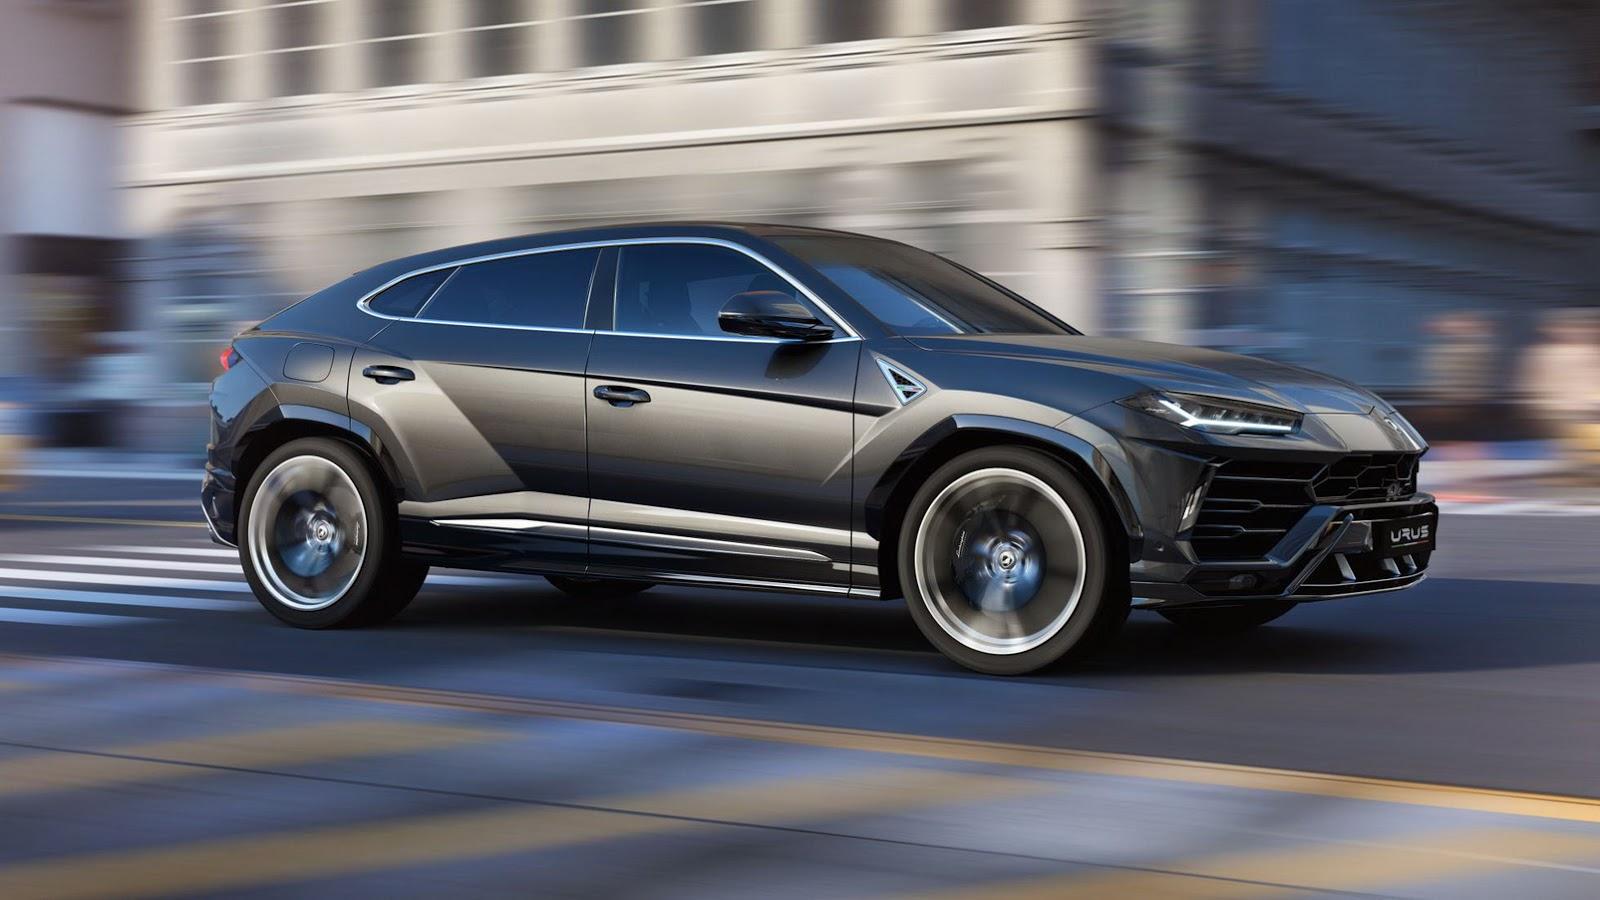 نتيجة بحث الصور عن Lamborghini Urus